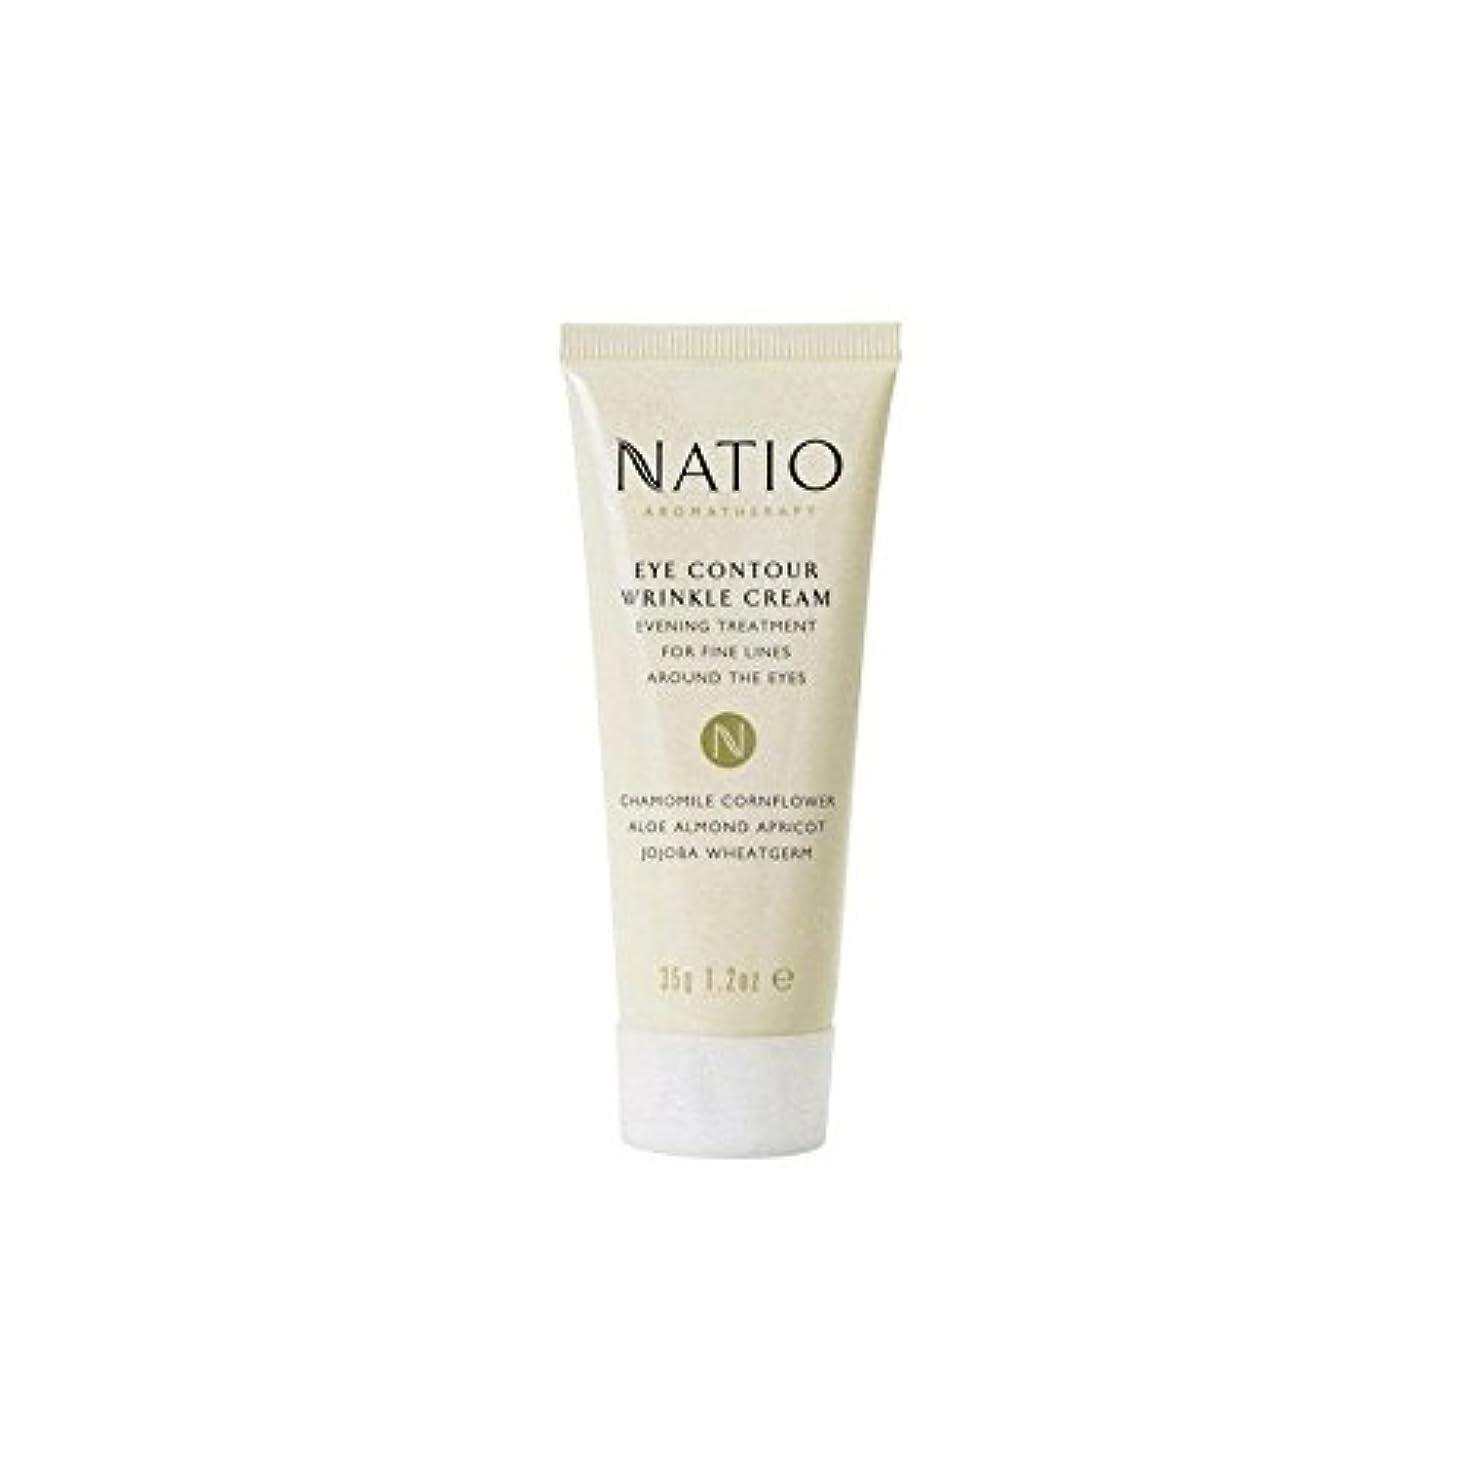 彫刻家レーダーサスティーン眼輪郭しわクリーム(35グラム) x4 - Natio Eye Contour Wrinkle Cream (35G) (Pack of 4) [並行輸入品]